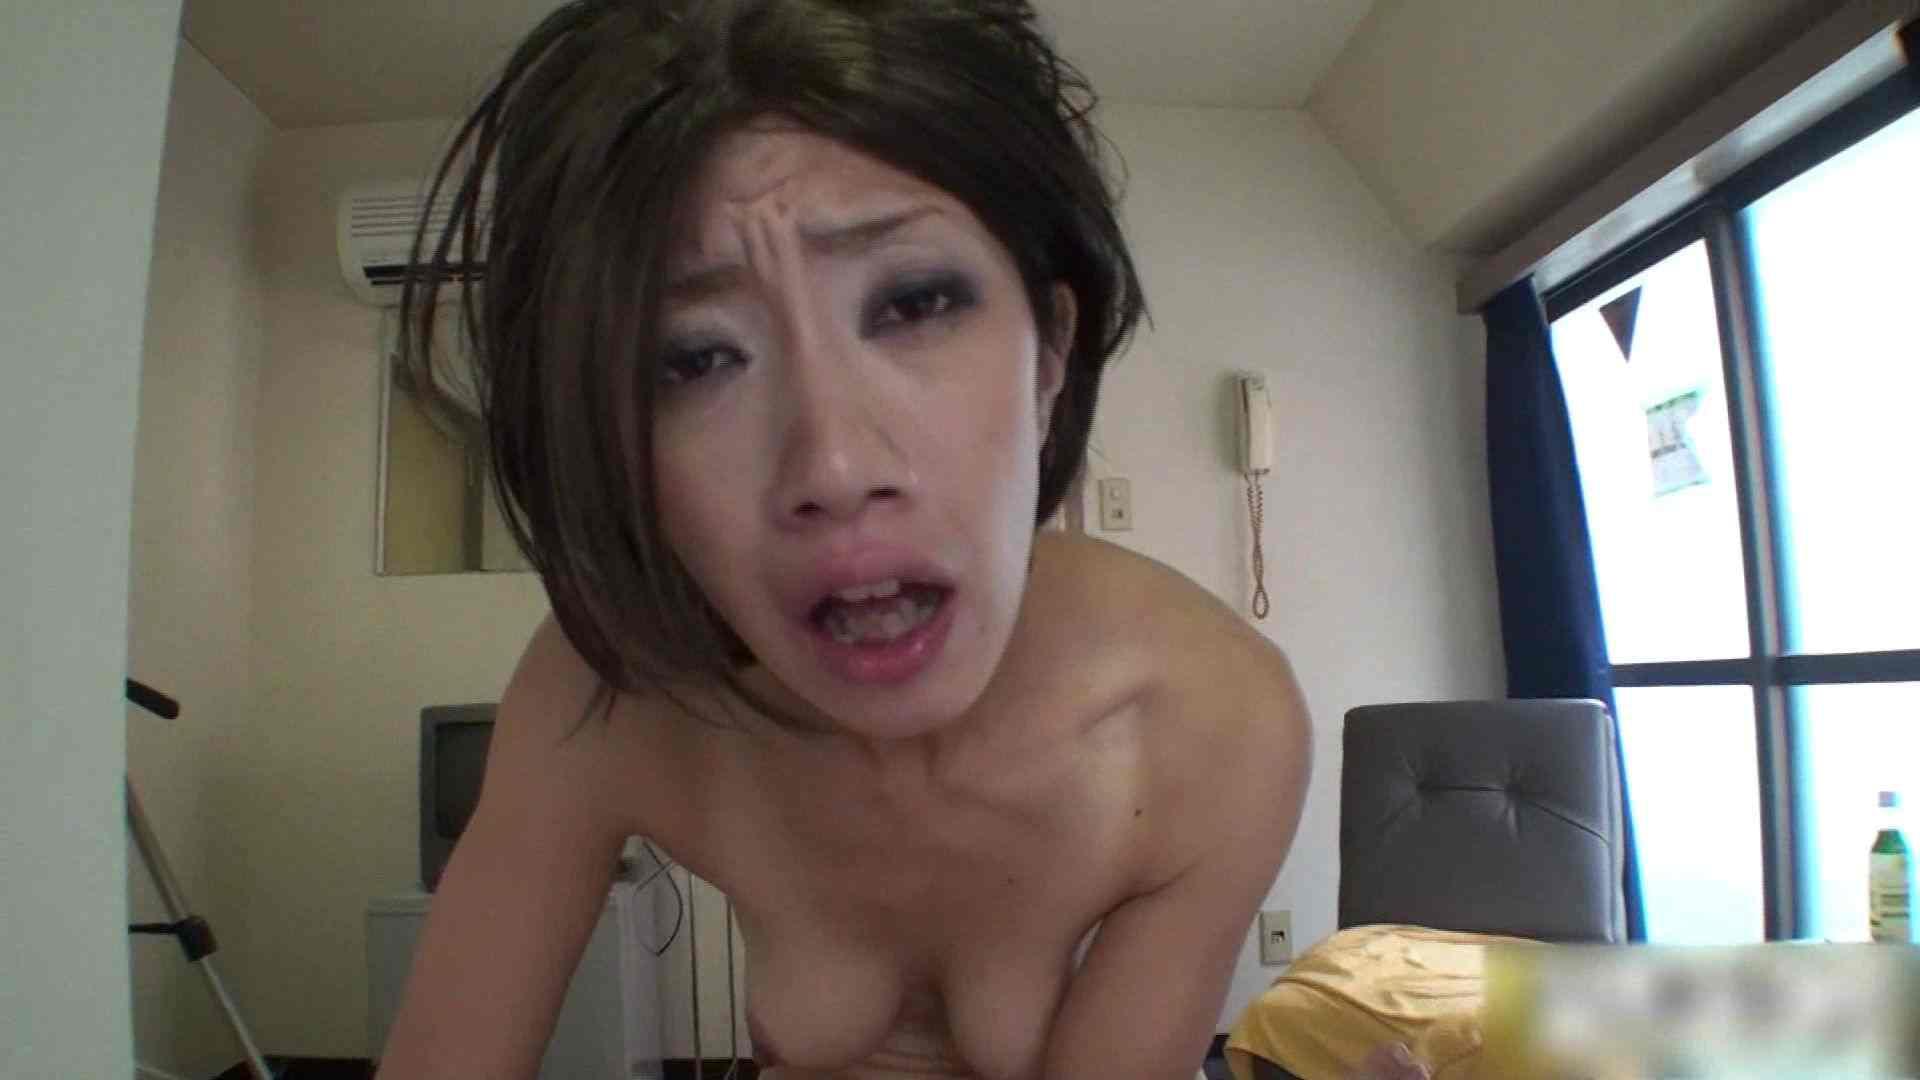 S級厳選美女ビッチガールVol.46 SEX映像 えろ無修正画像 89pic 84